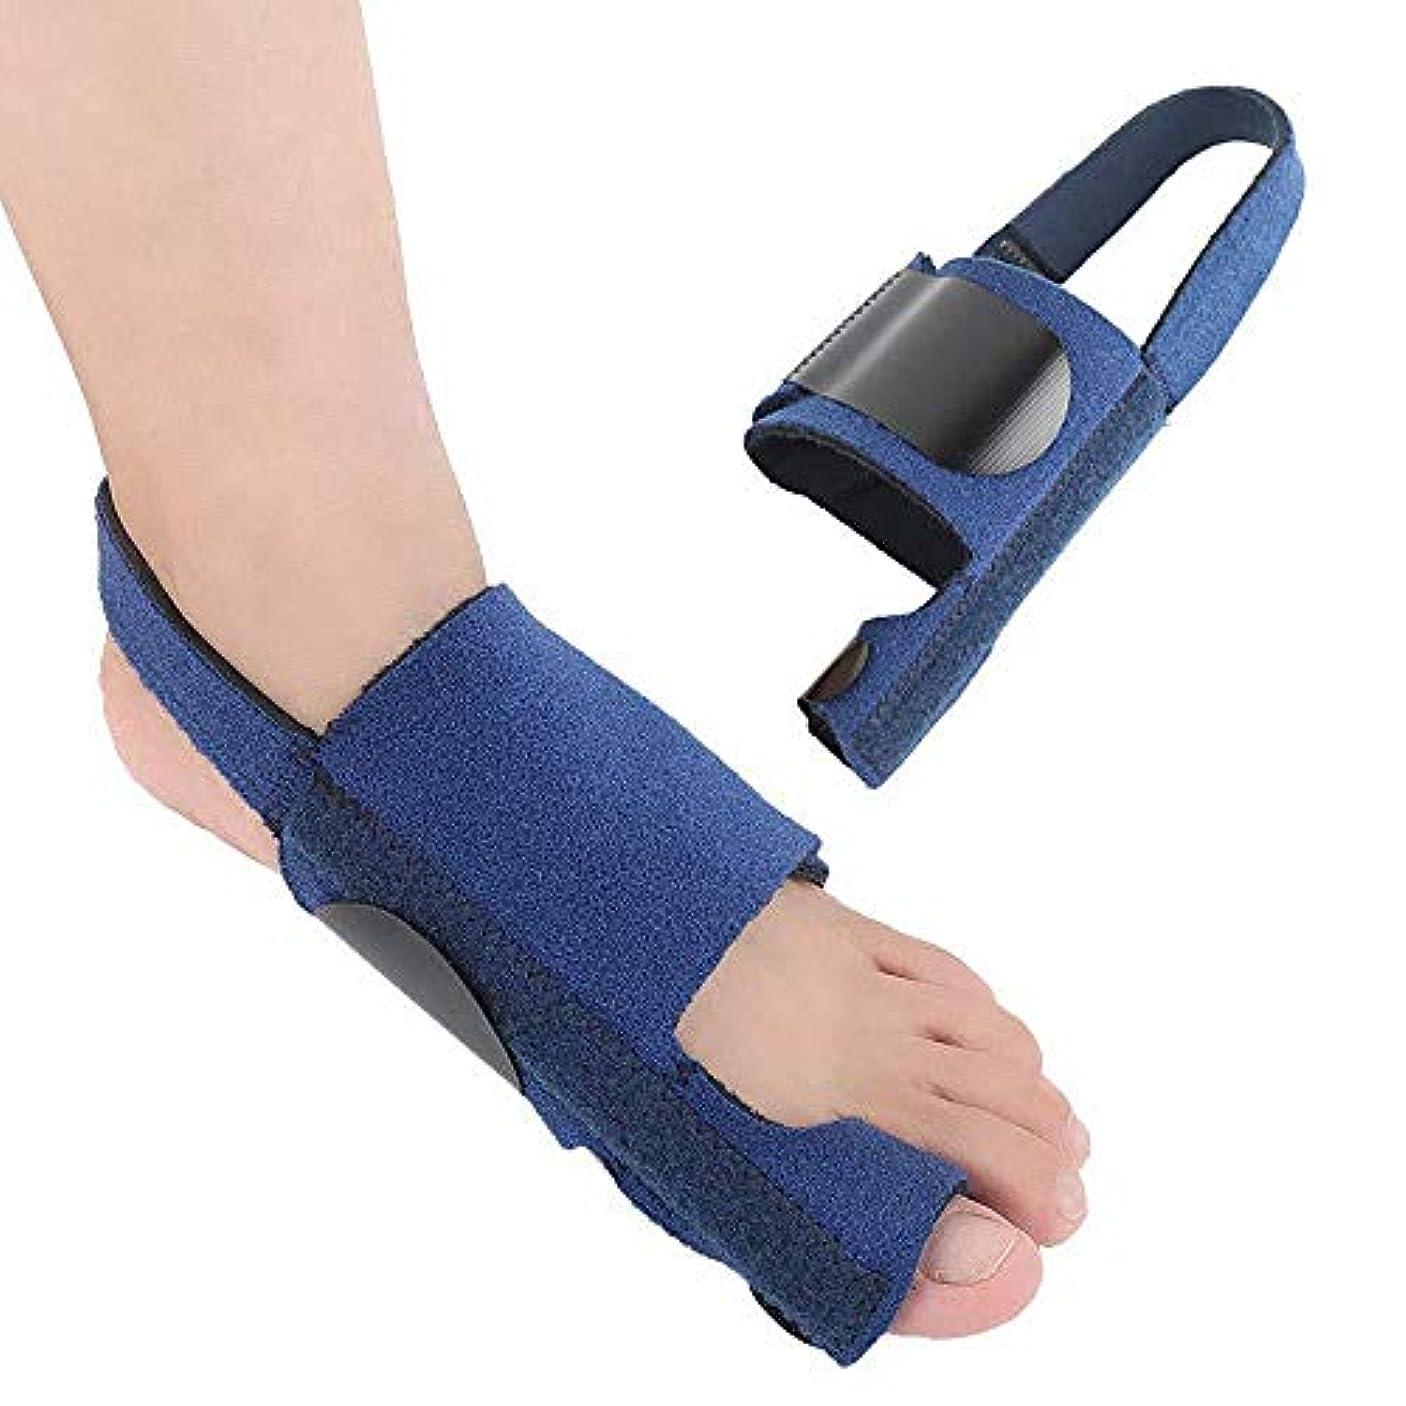 文支援する矢じり外反母ortho装具、装具アーチサポートゲル大足矯正スプリント、夜間および昼間の扁平足の痛みの緩和の男性と女性,Right Foot